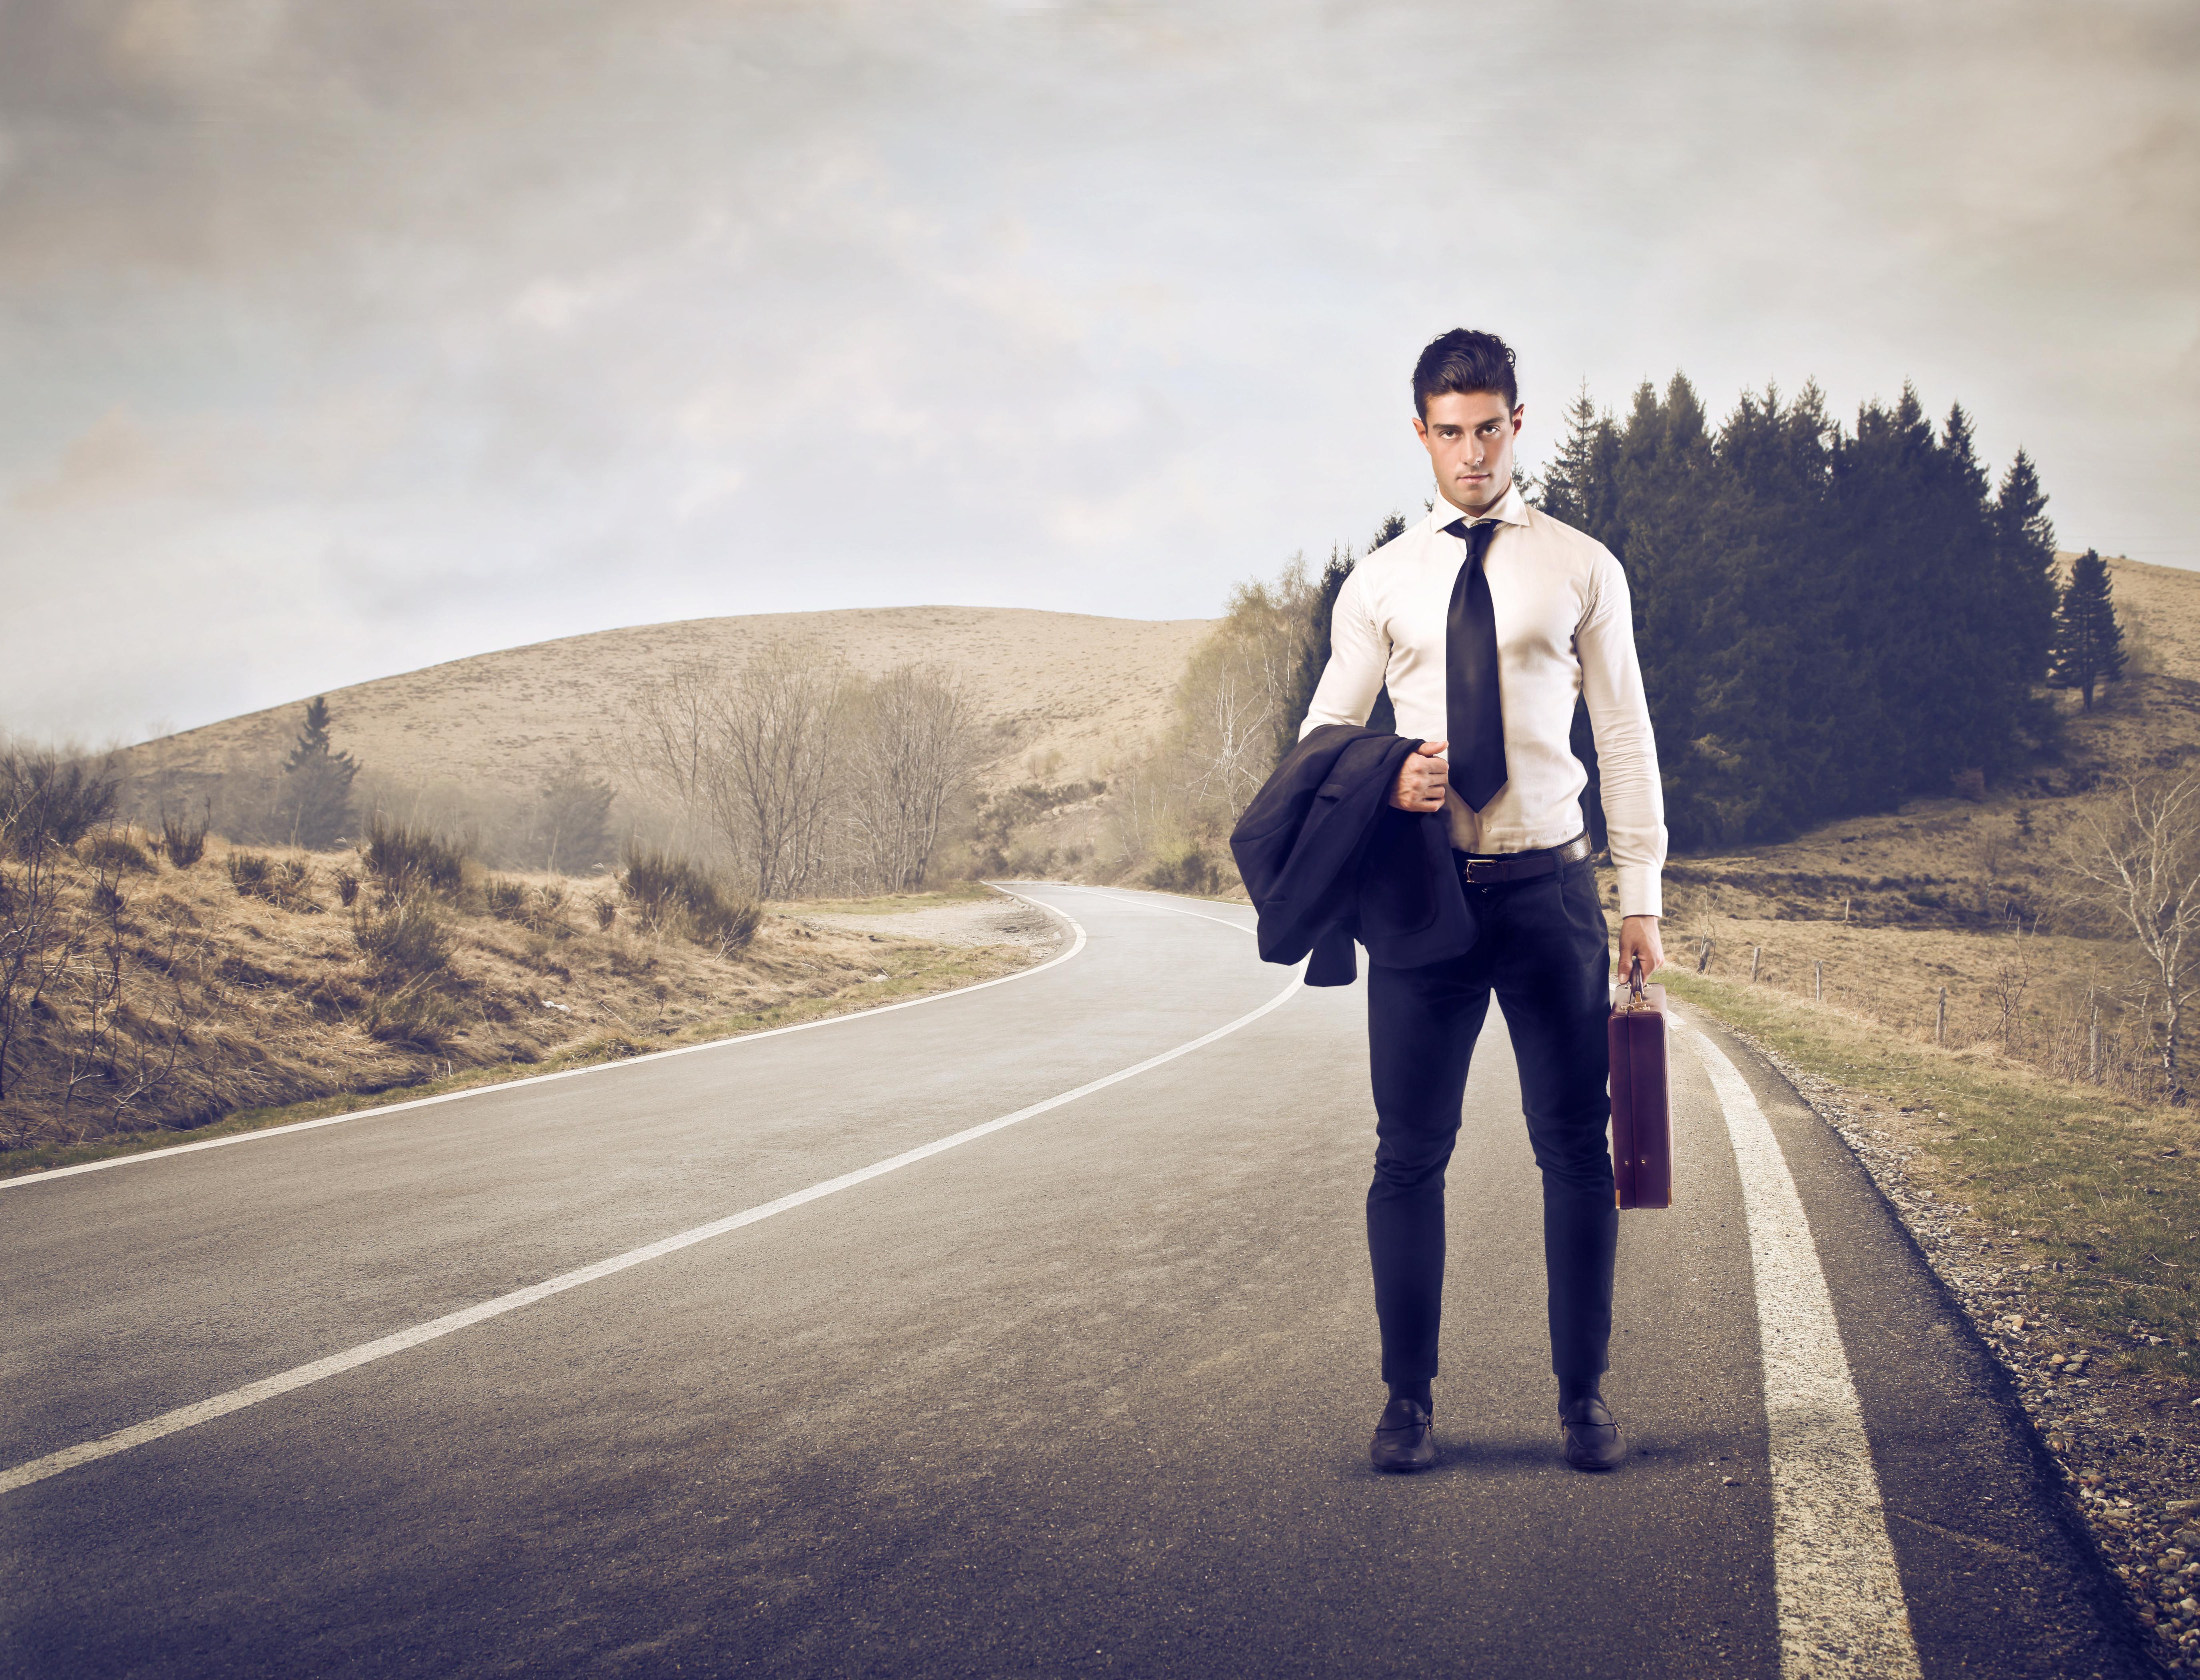 Weicheier Warum Ja Sager Karriere Machen Karriere Einsichten